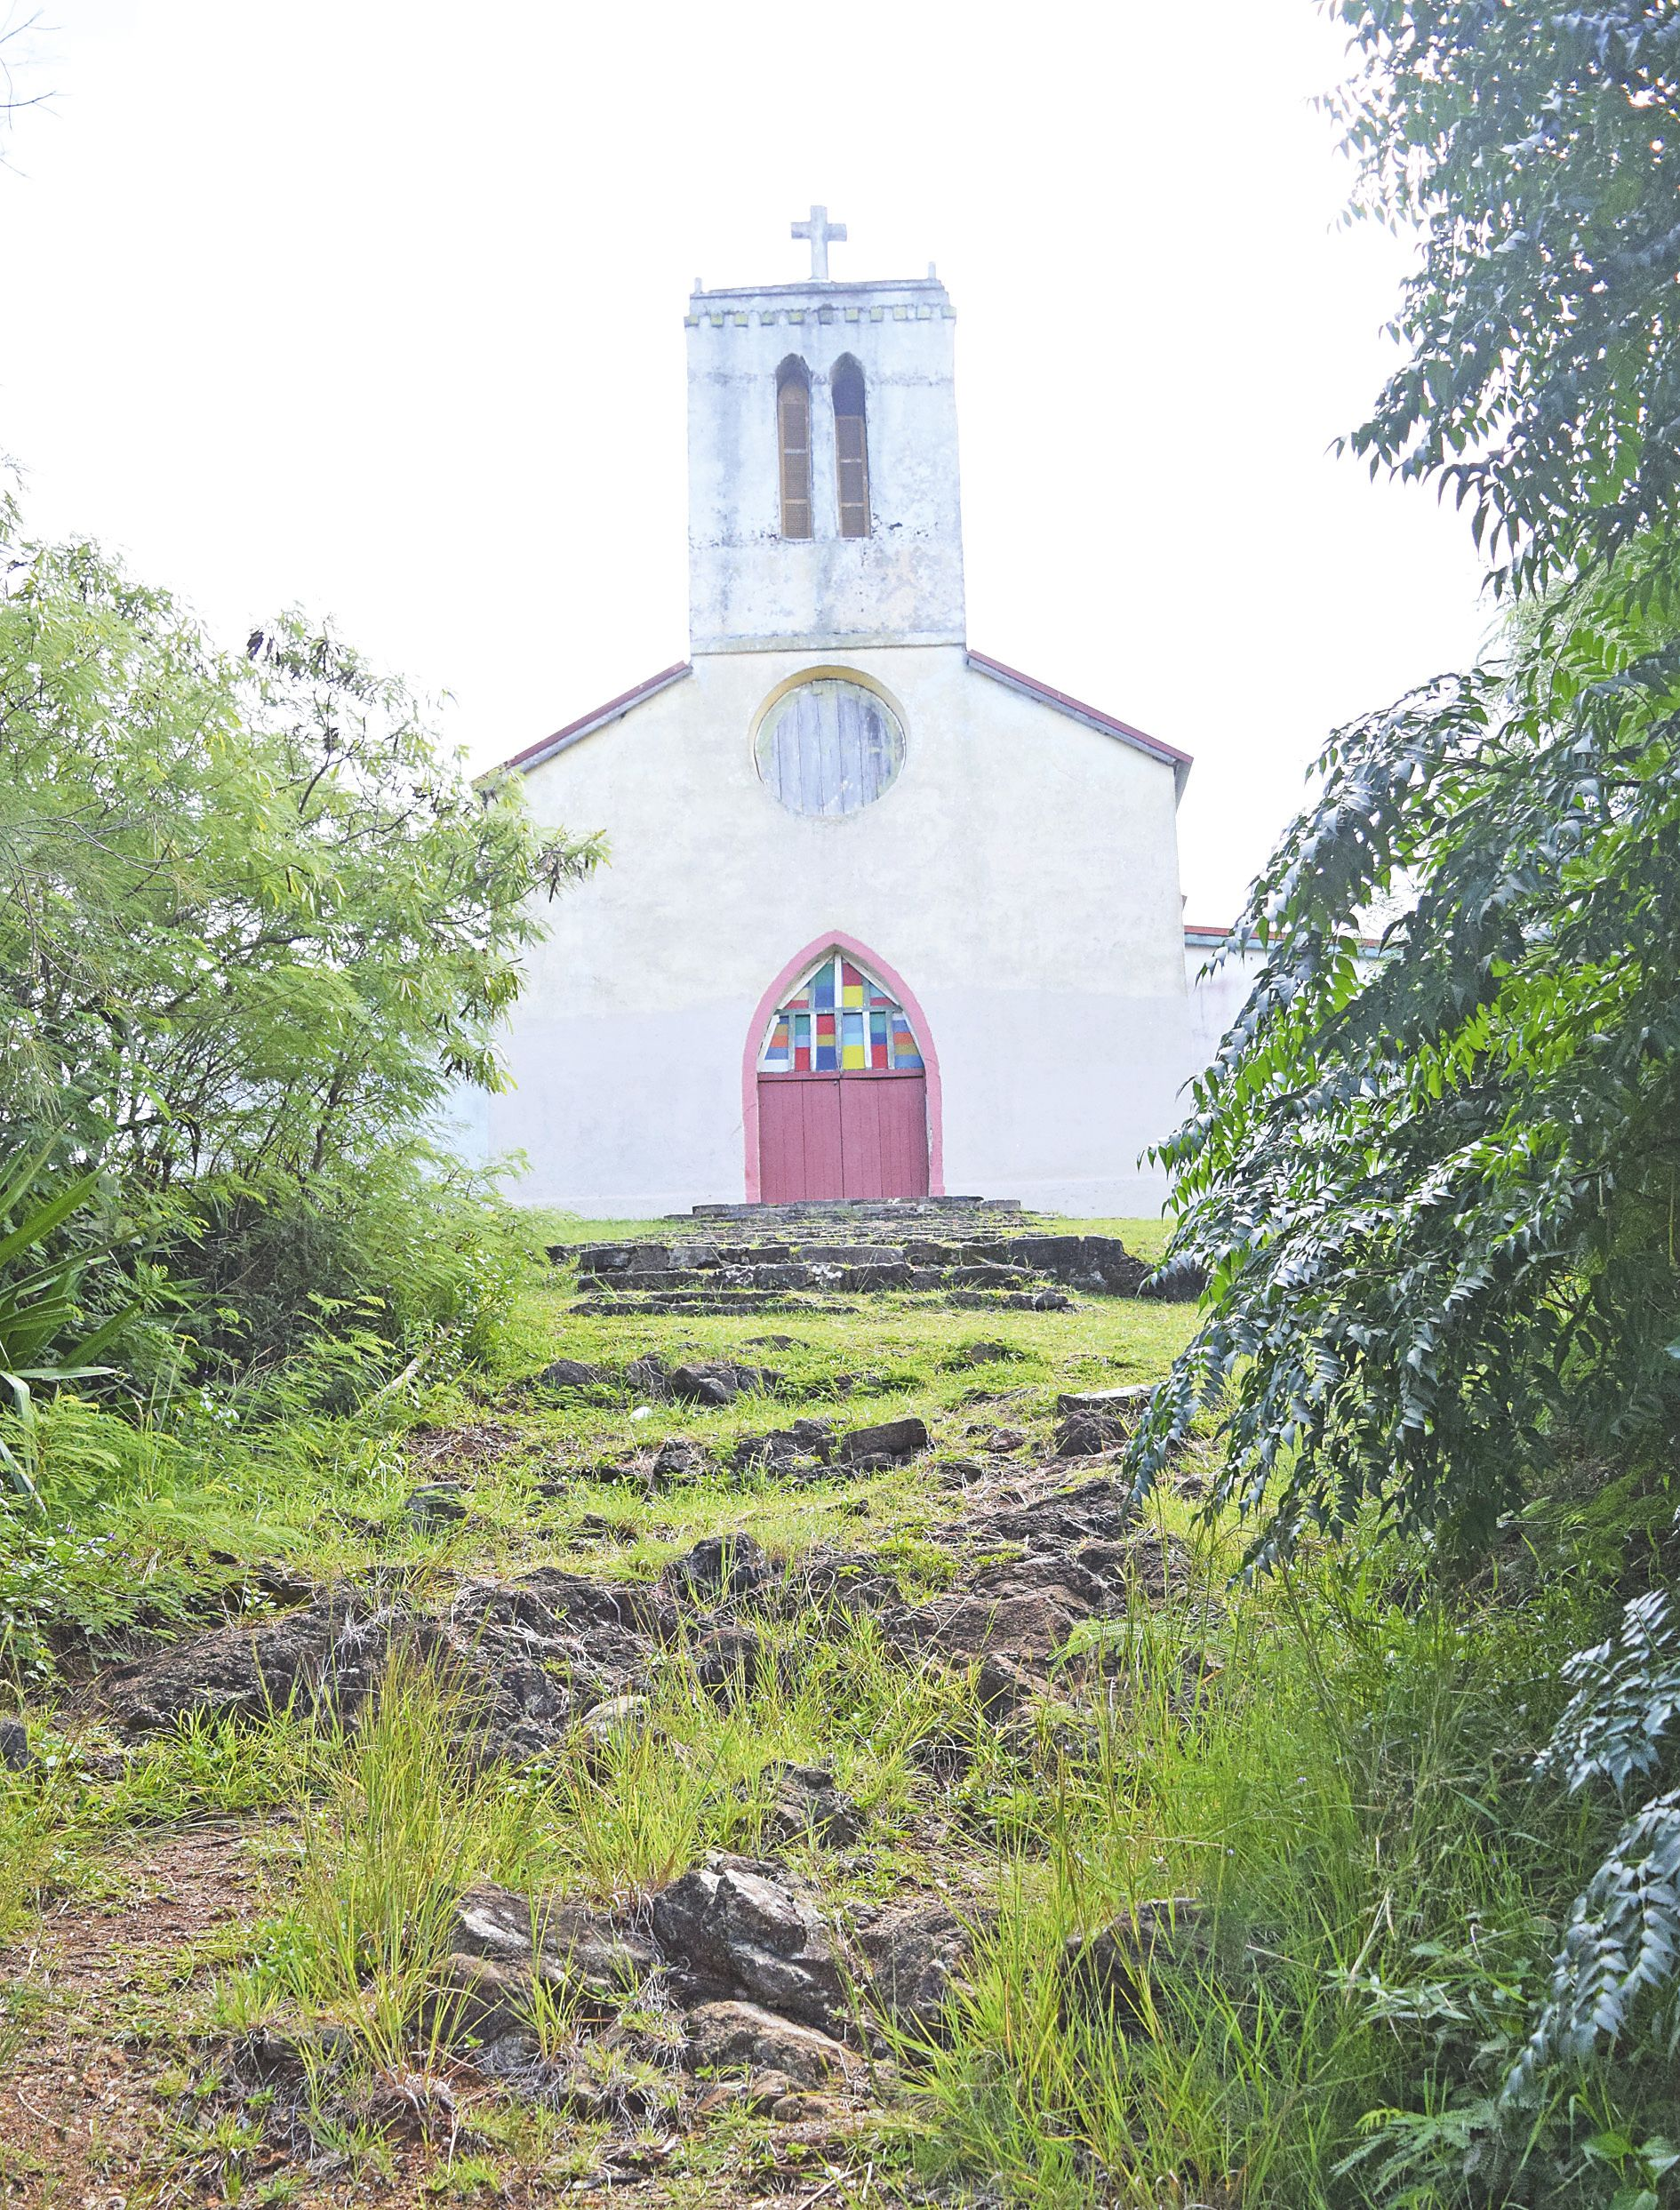 Le clocher carré de l'église de Waala est classé monument historique par la province Nord.